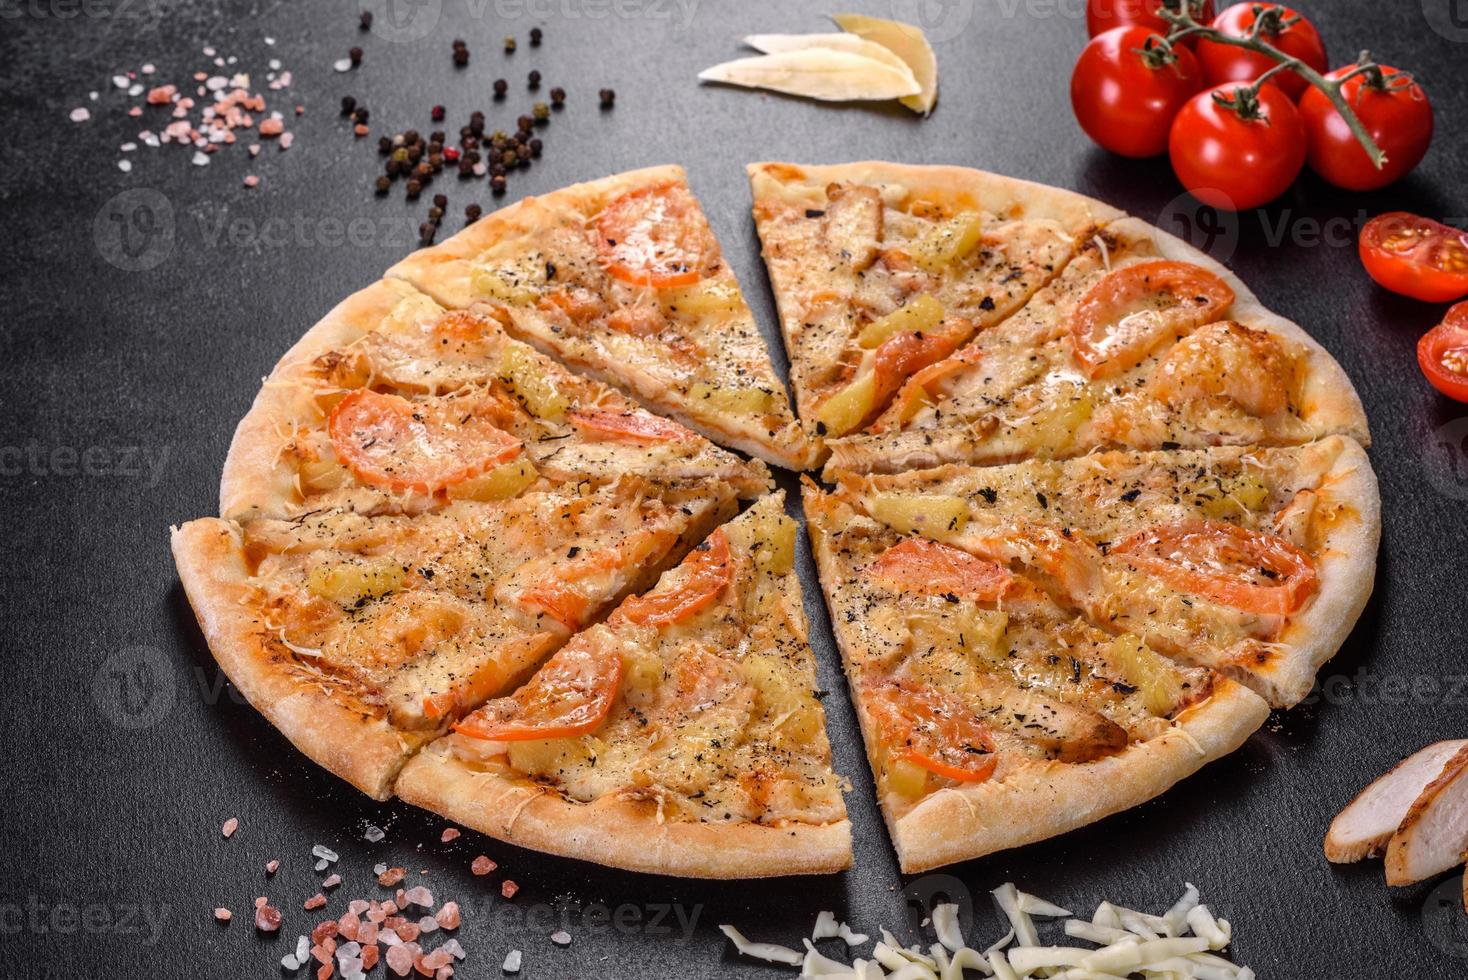 délicieuse pizza fraîche faite dans un four à sole avec des moules de crevettes et d'autres fruits de mer photo